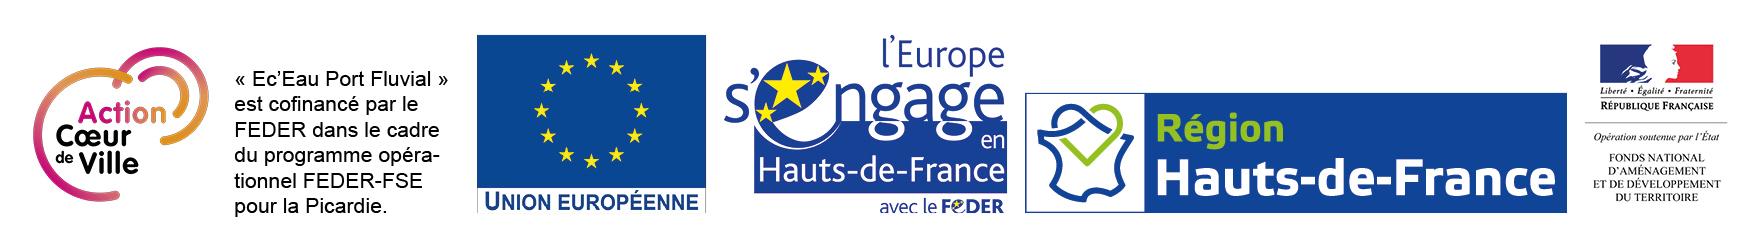 Logos-eceauport